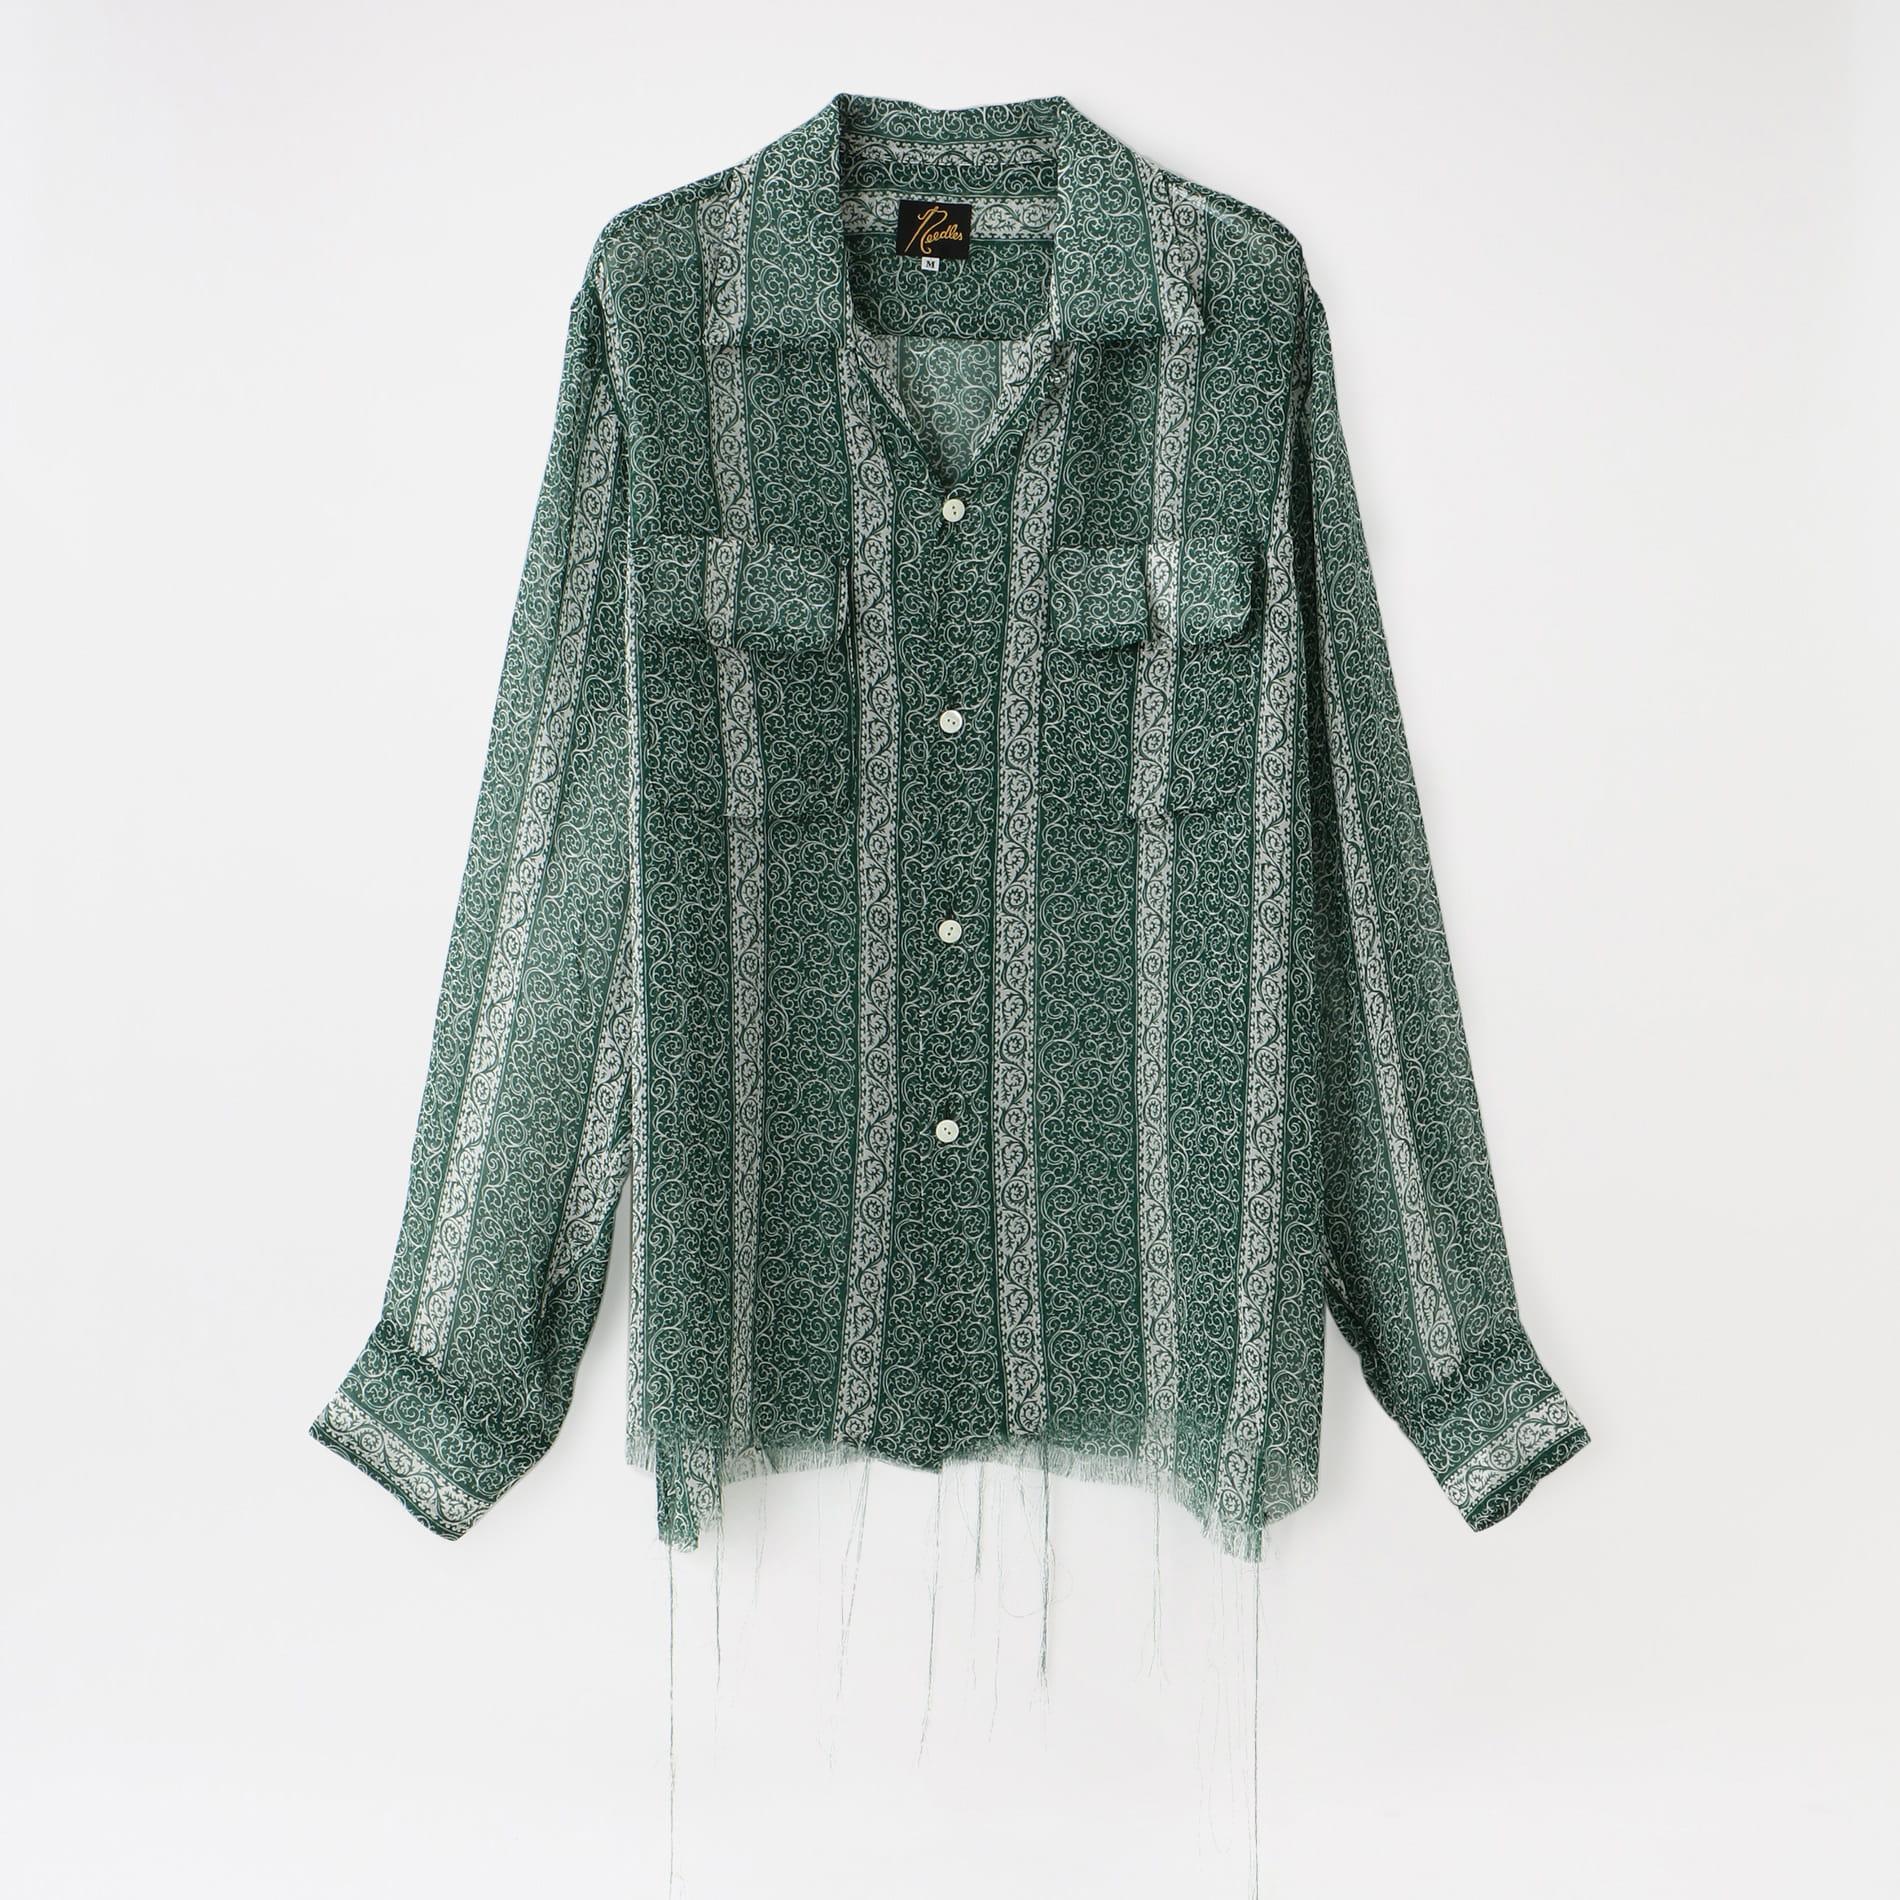 【Needles】MEN シャツ C.O.B. Classic Shirt - Cupra Chiffon / Pt. IN076